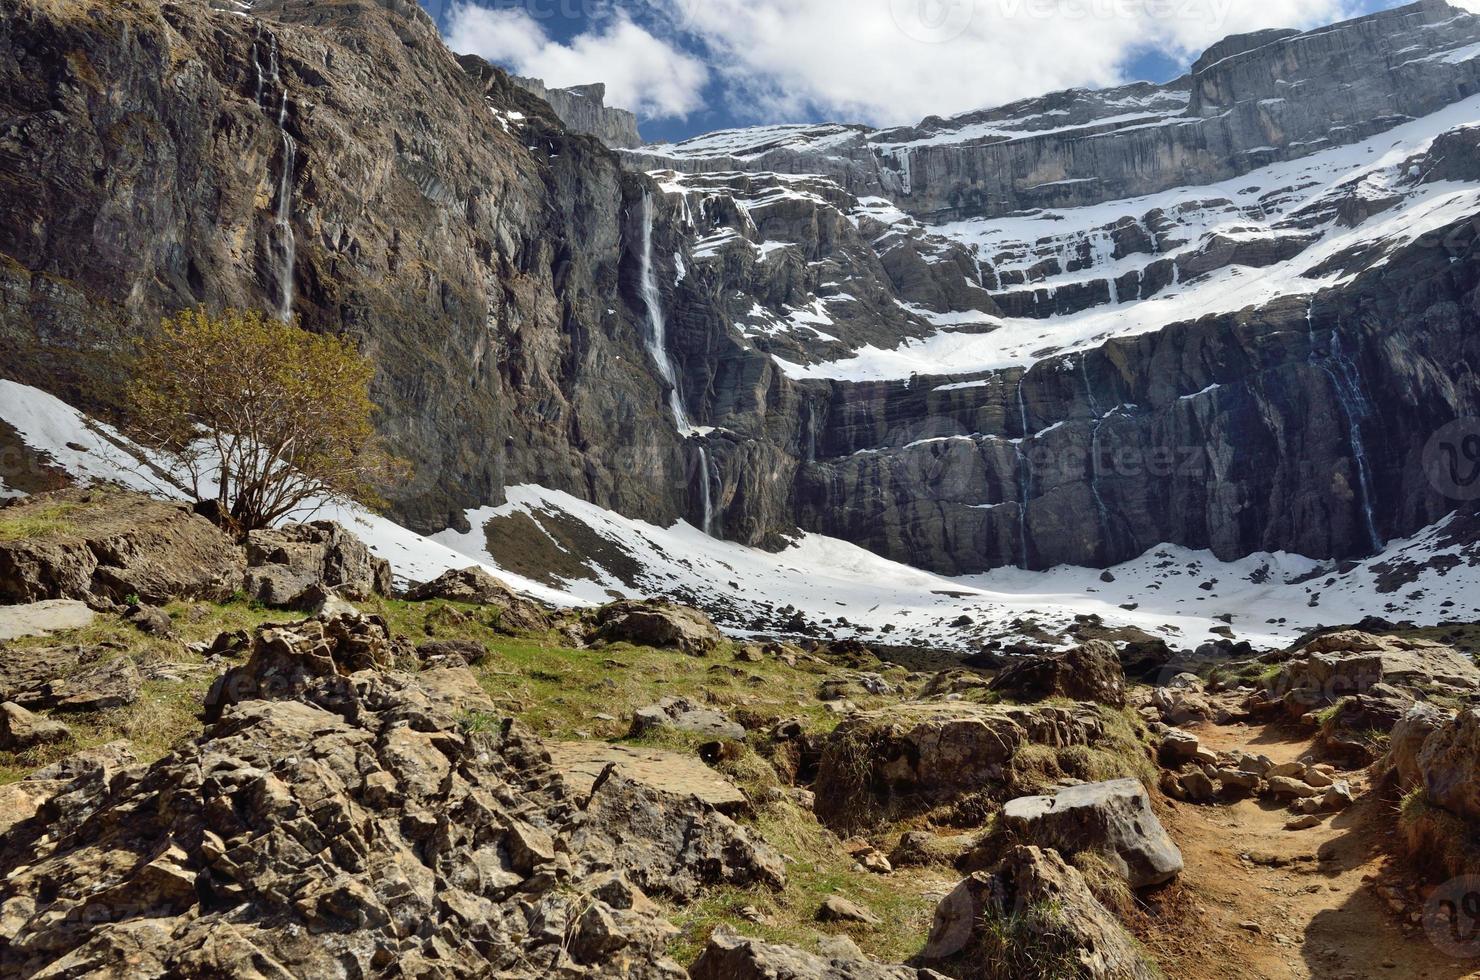 wandelpad naar het keteldal van gavarnie in de pyreneeën foto